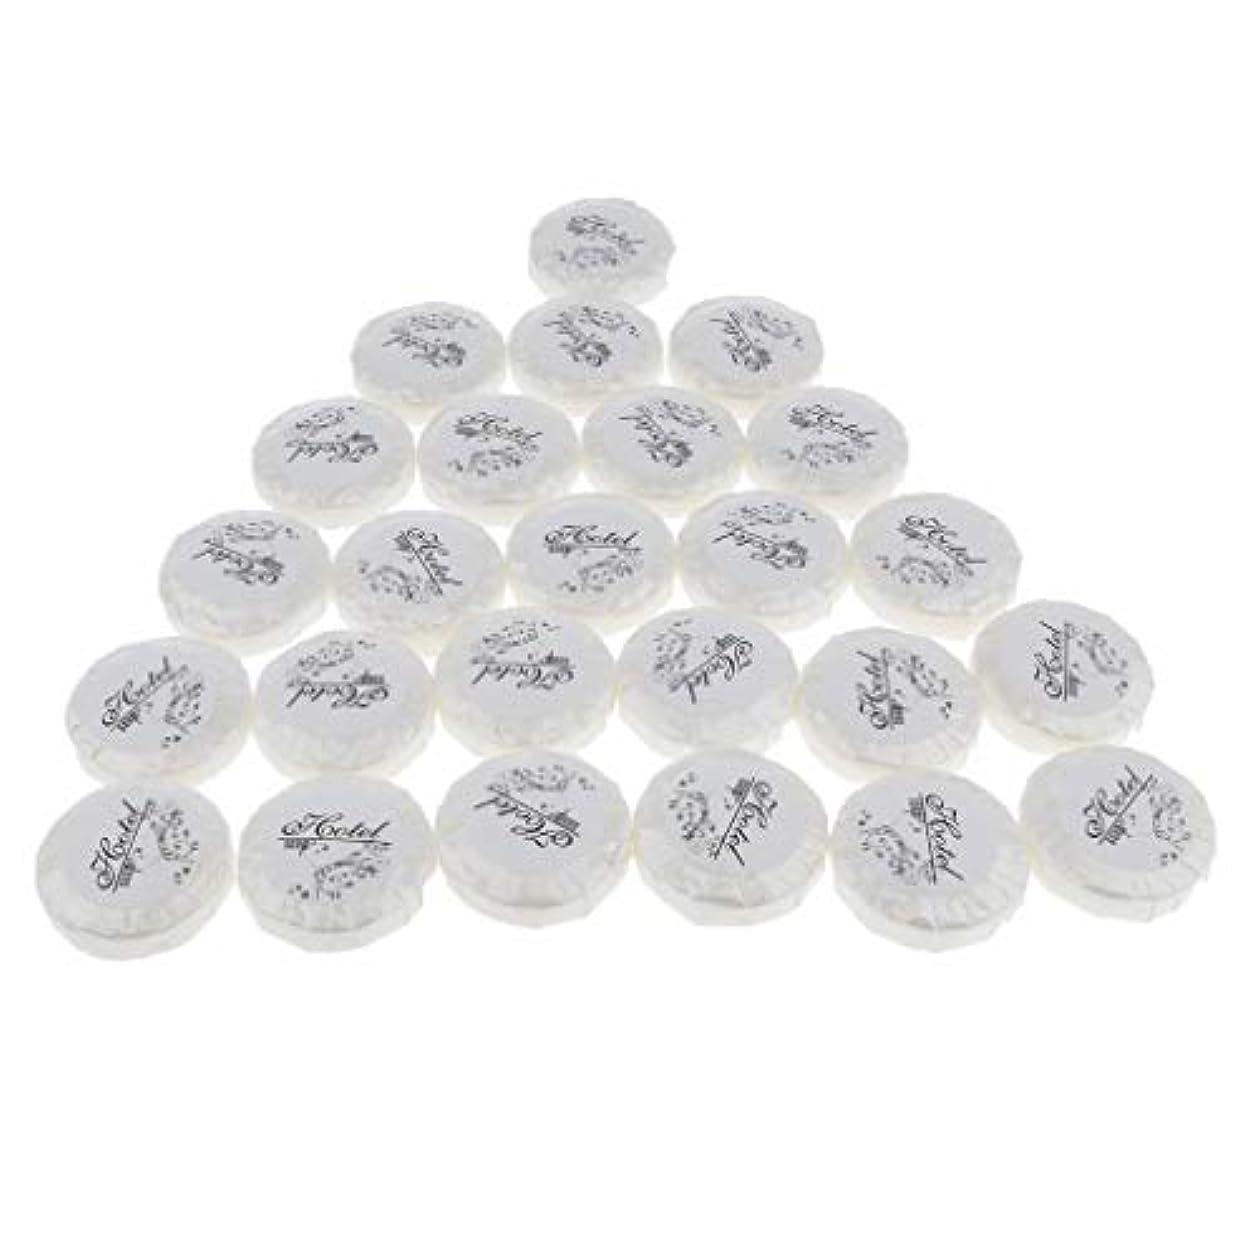 誇張する割る通路石鹸 無添加 洗顔石鹸 植物油 軽い香り 清潔 リフレッシュ ミニサイズ 携帯 旅行用 約150個 - 13g